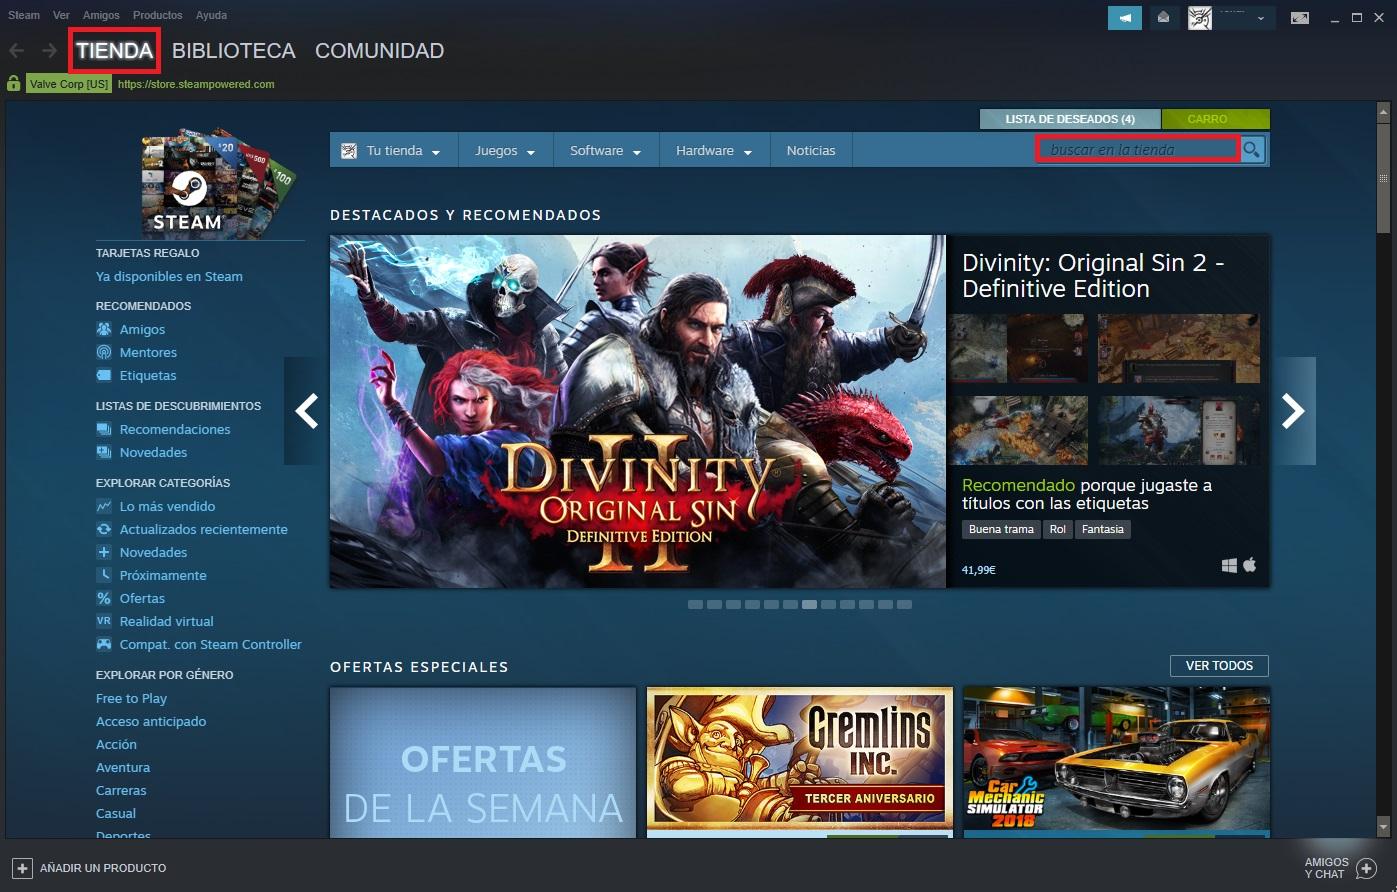 Cómo buscar un juego en Steam